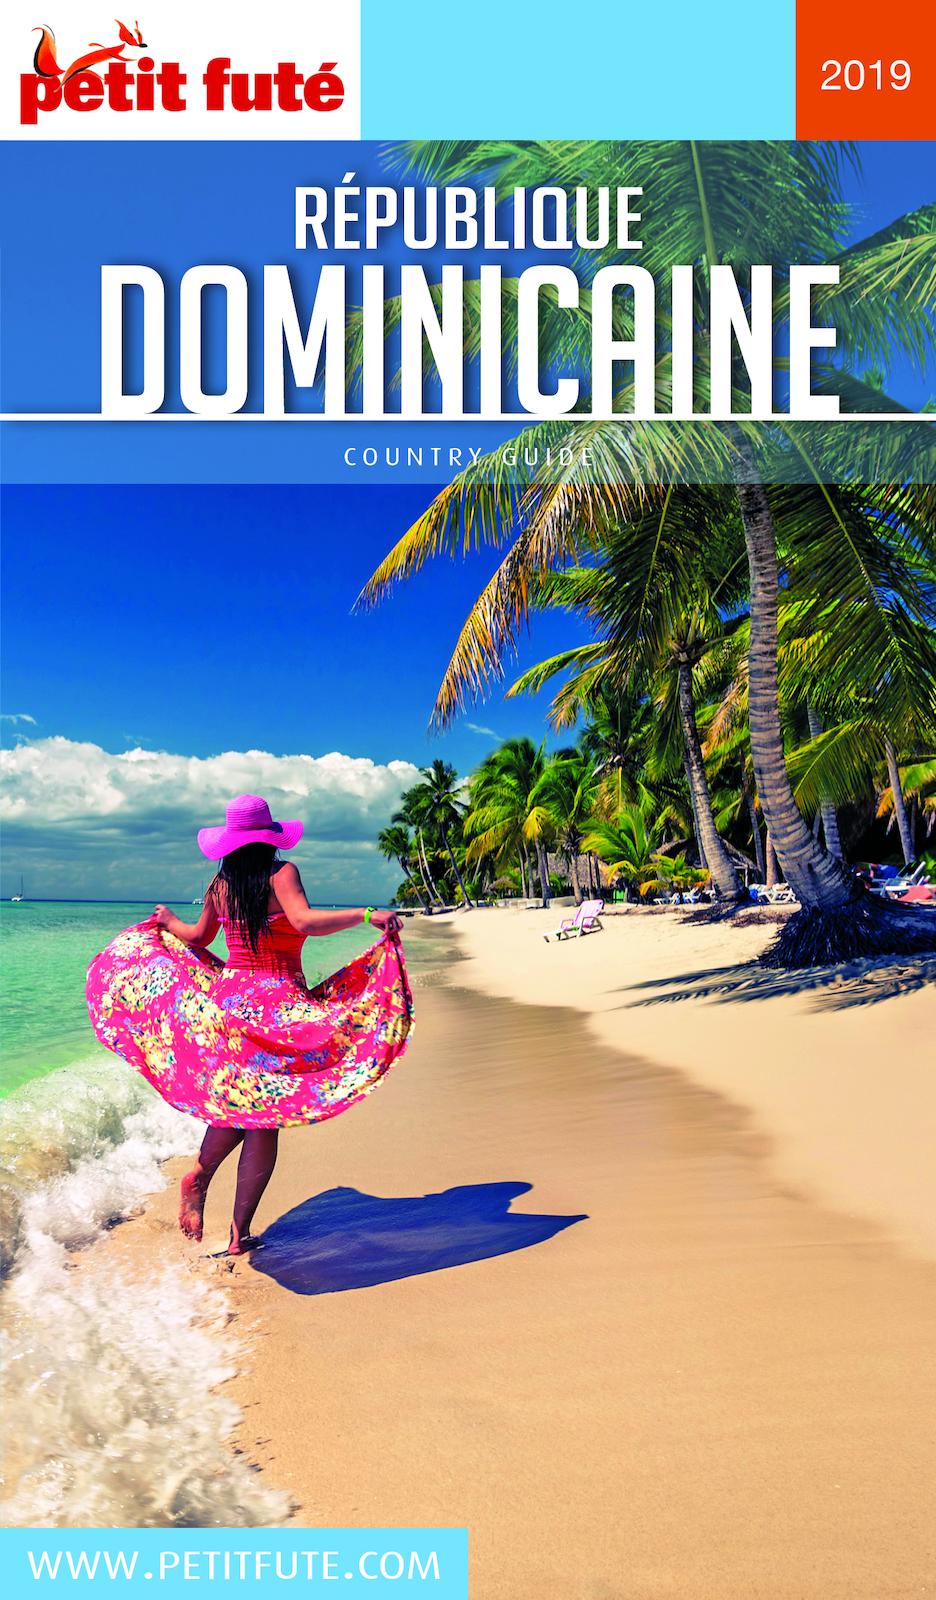 R?PUBLIQUE DOMINICAINE 2019 Petit Fut?